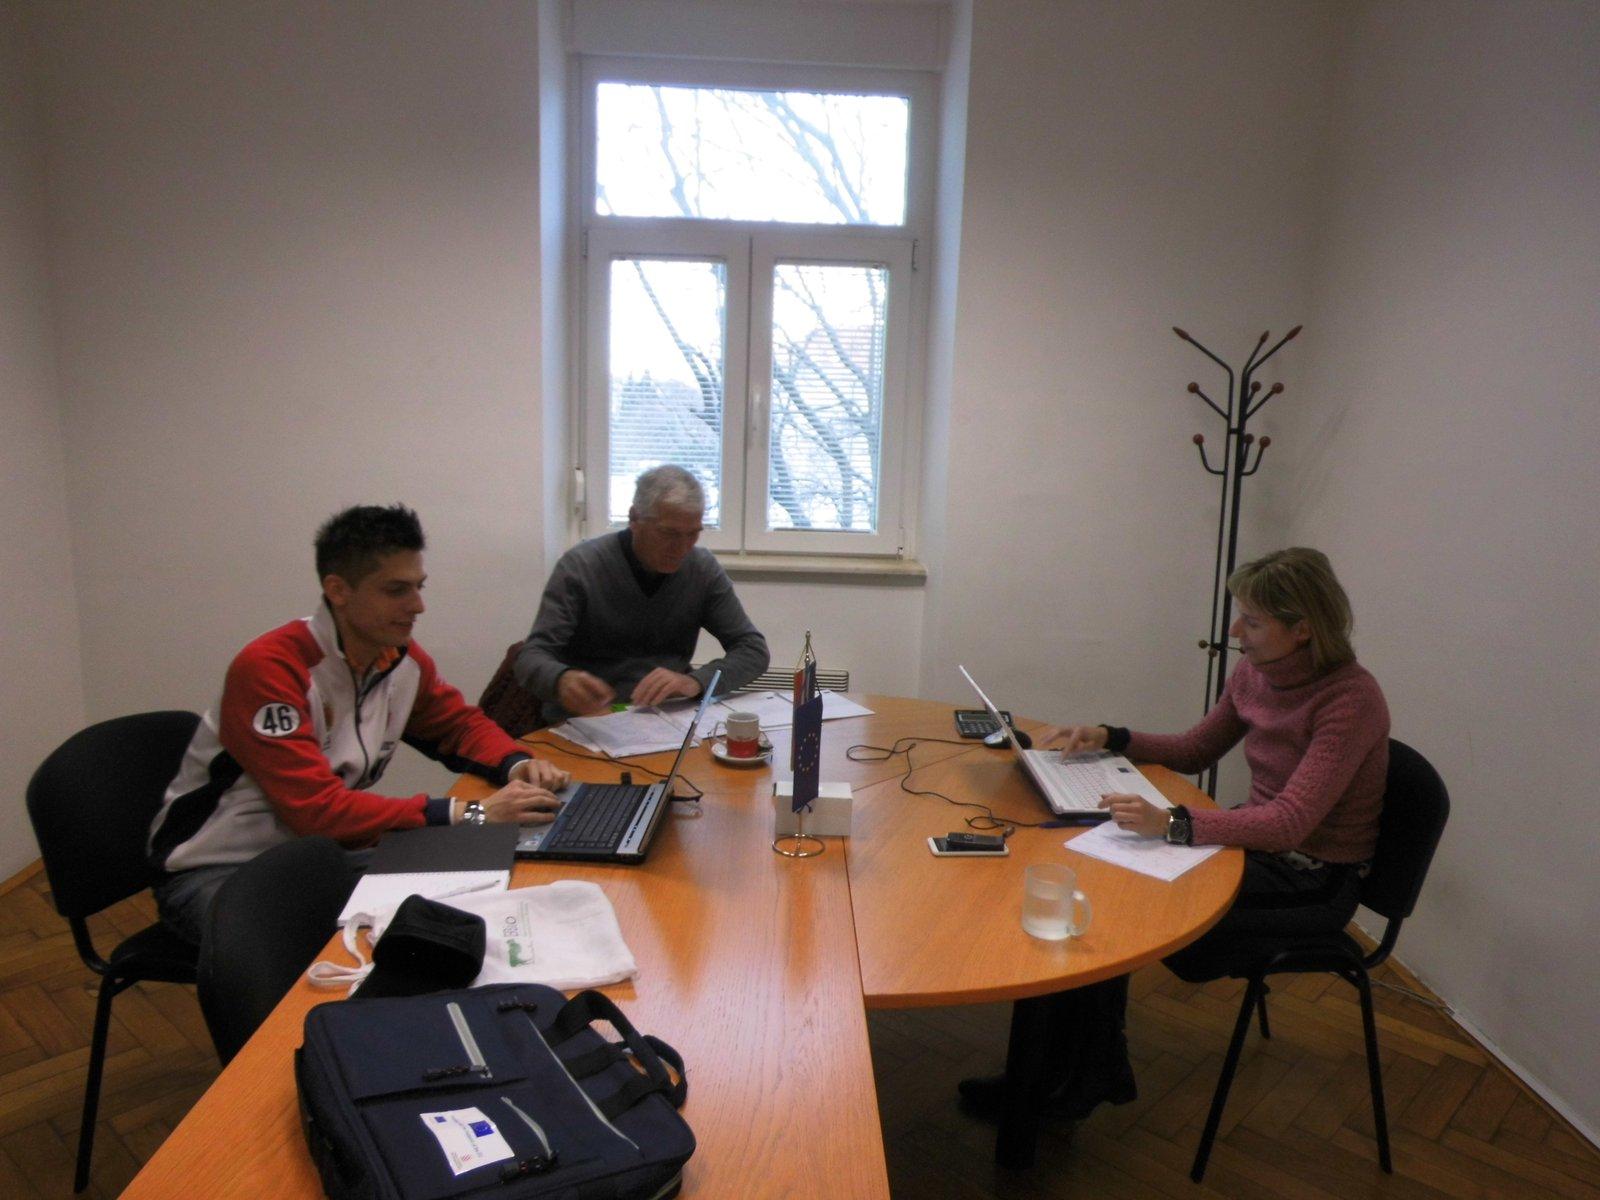 16. koordinacijski sastanak Tehničkog odbora ( TC – Technical Committee ) projekta BBio – Održivi razvoj pograničnih područja kroz očuvanje autohtonih